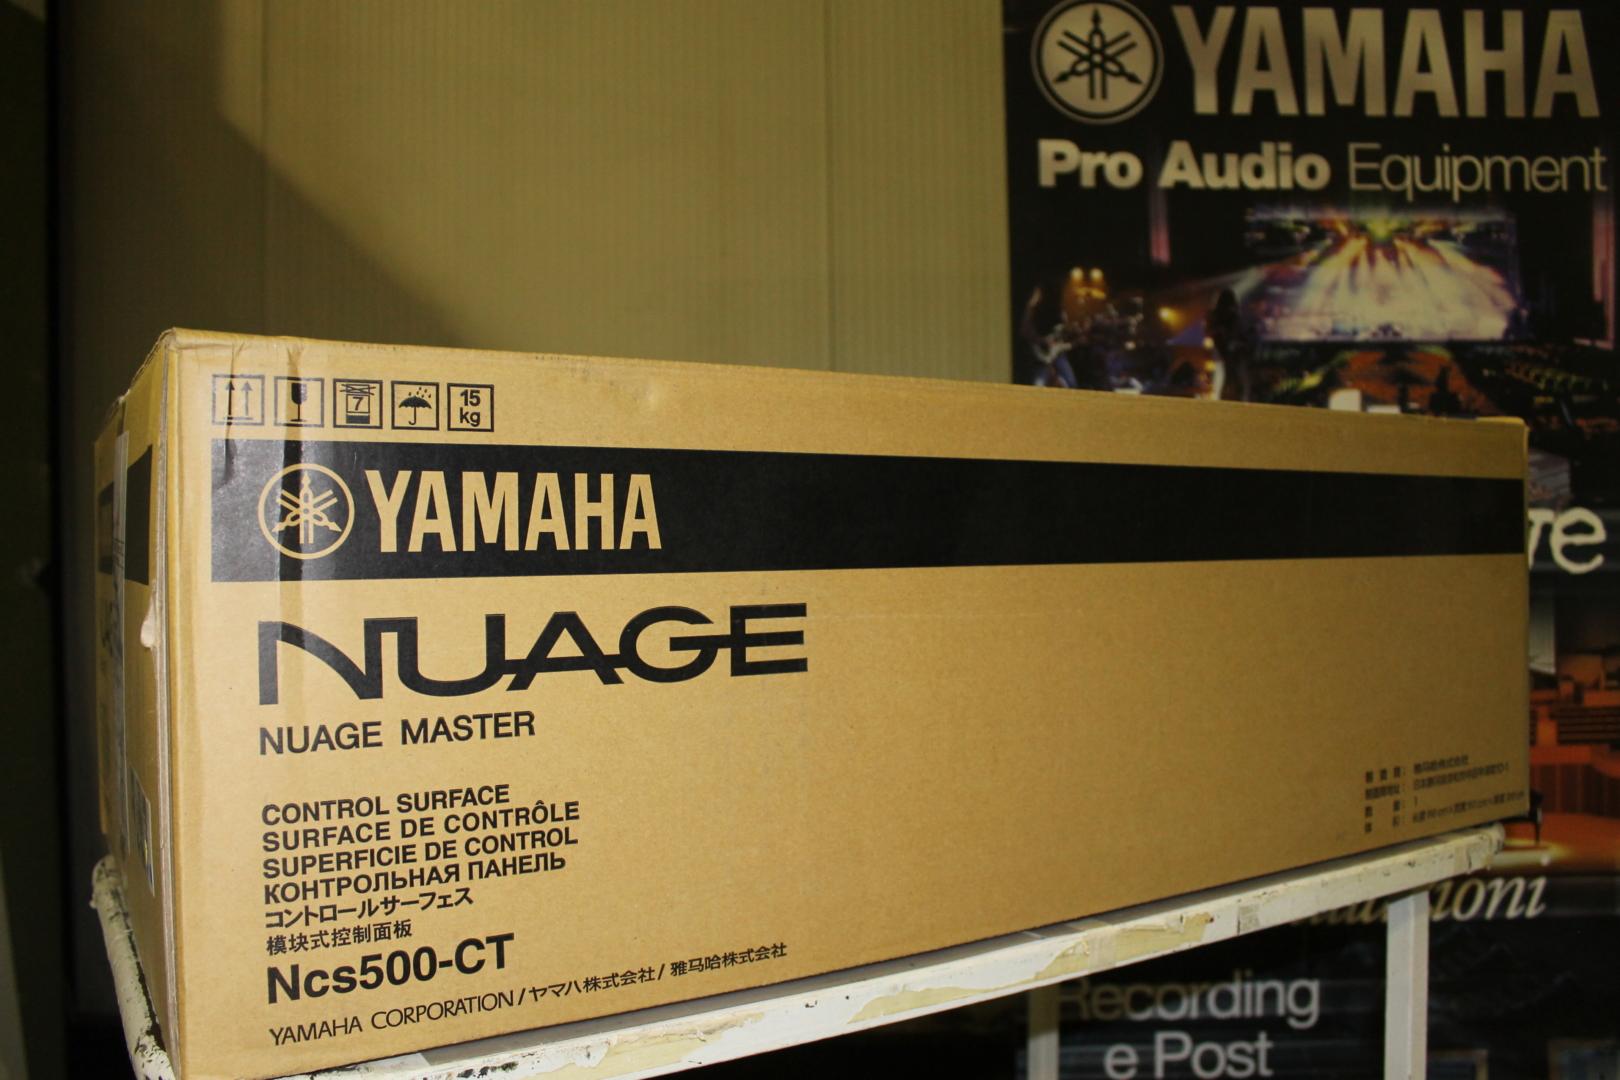 YAMAHA - NCS500-CT